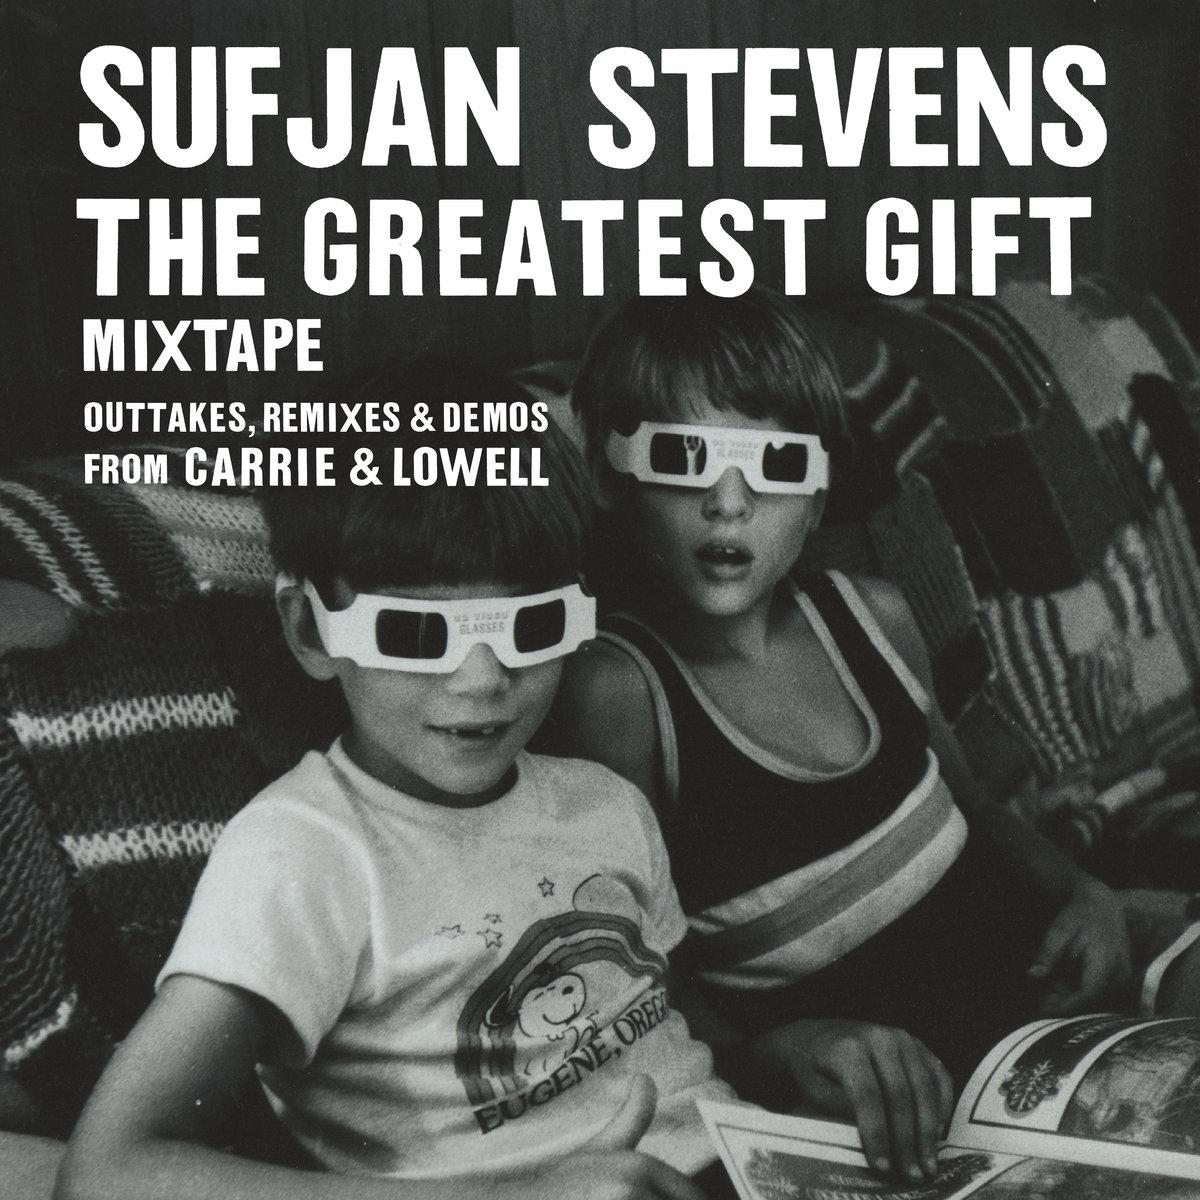 SUFJAN STEVENS GREATEST GIFT